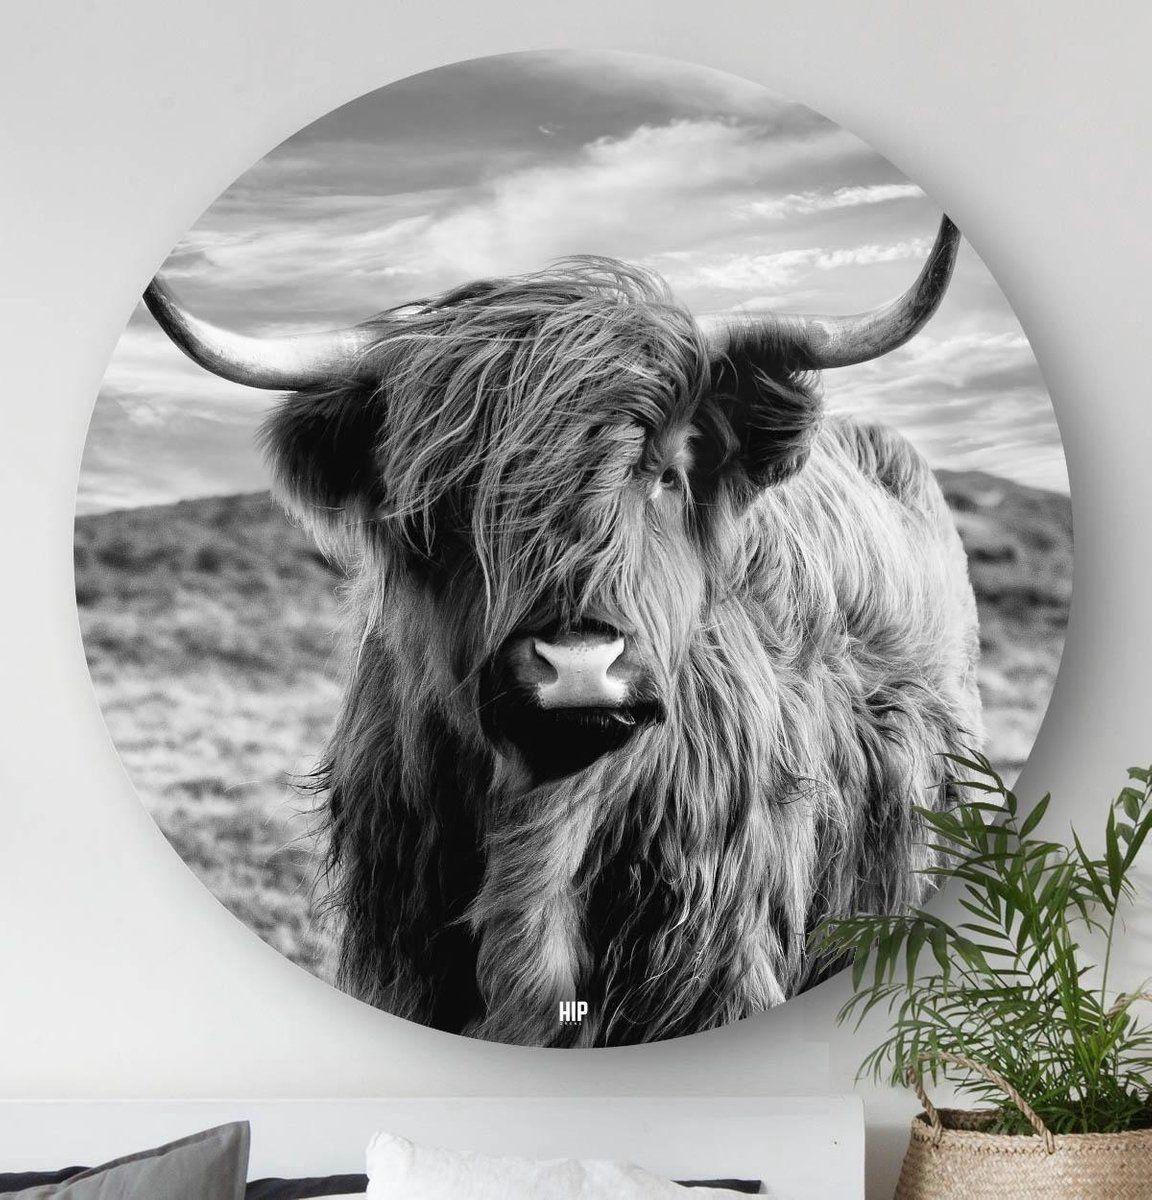 Hip Orgnl Schilderij Highlander Schotse Hooglander Koe 40cm Wandcirkel Dieren In 2021 Wanddecoraties Woonkamer Schilderijen Dierlijke Schilderijen